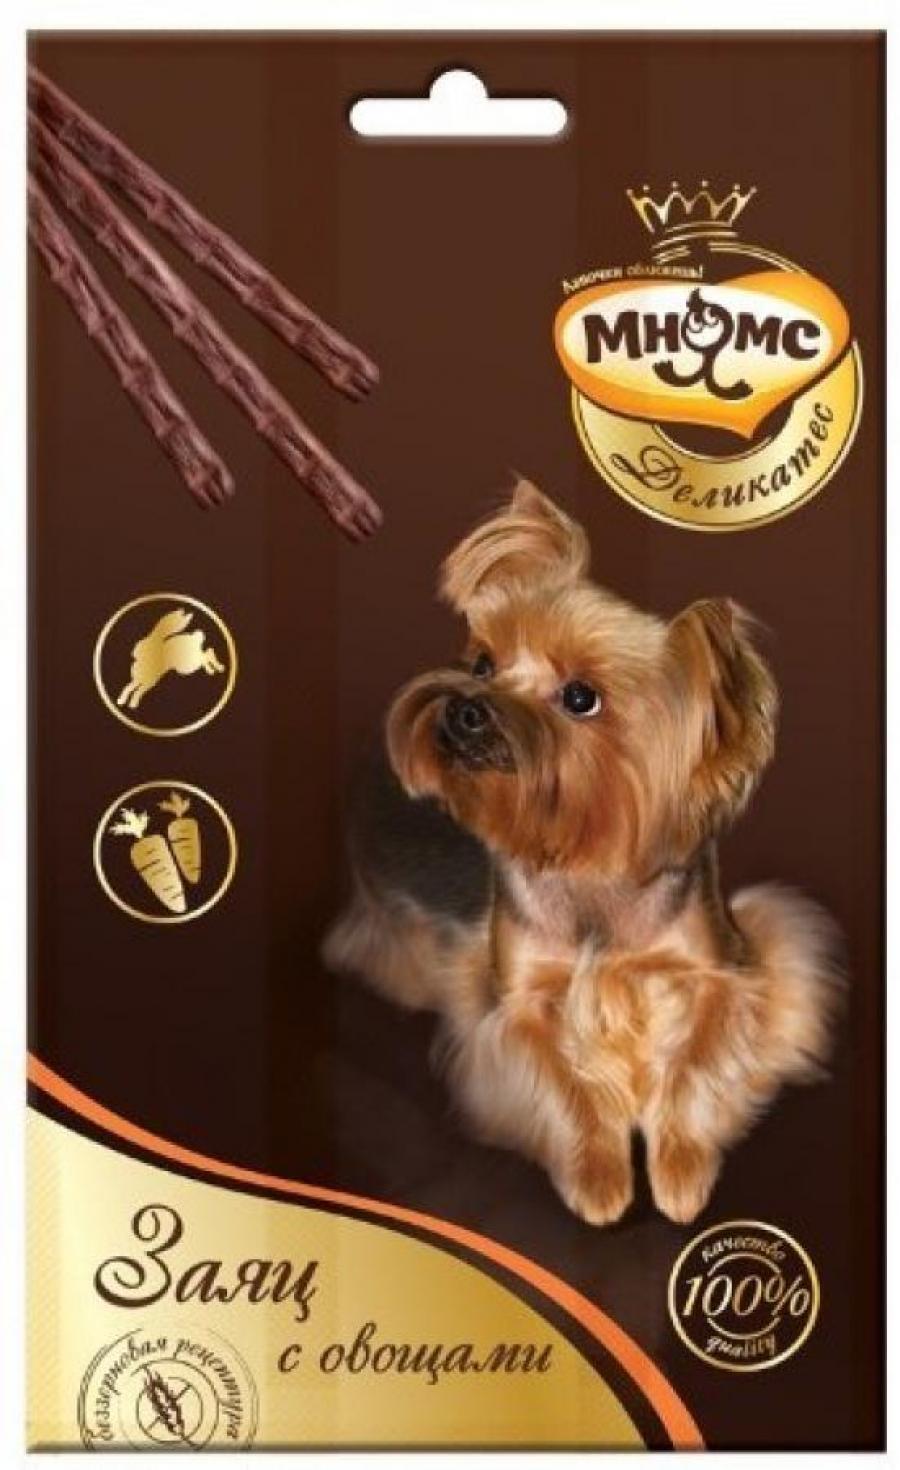 Мнямс Деликатес лакомые палочки 13,5 см для собак с зайцем и овощам 3х11 г, 4200100830